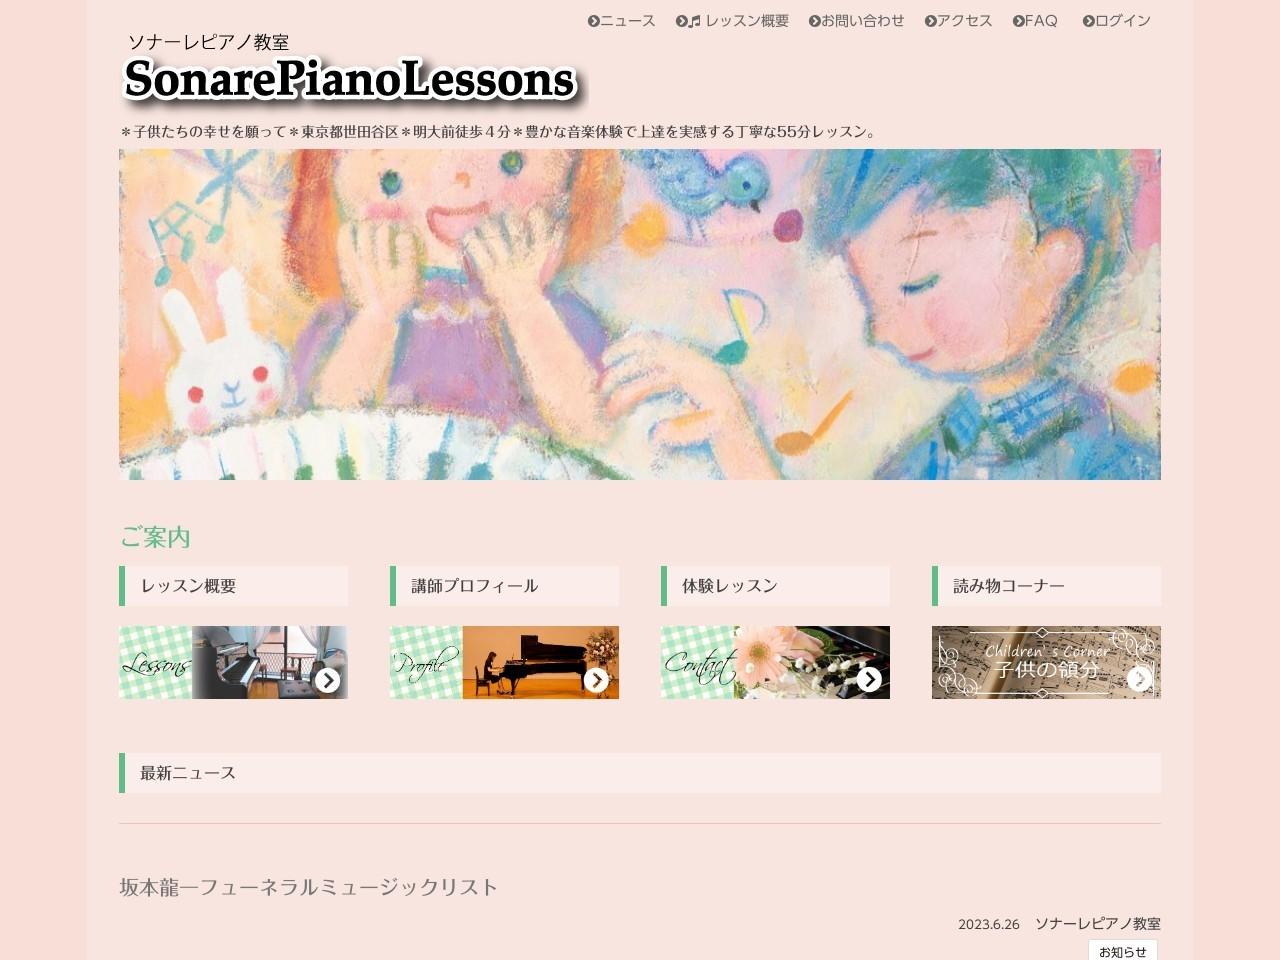 ソナーレピアノ教室のサムネイル